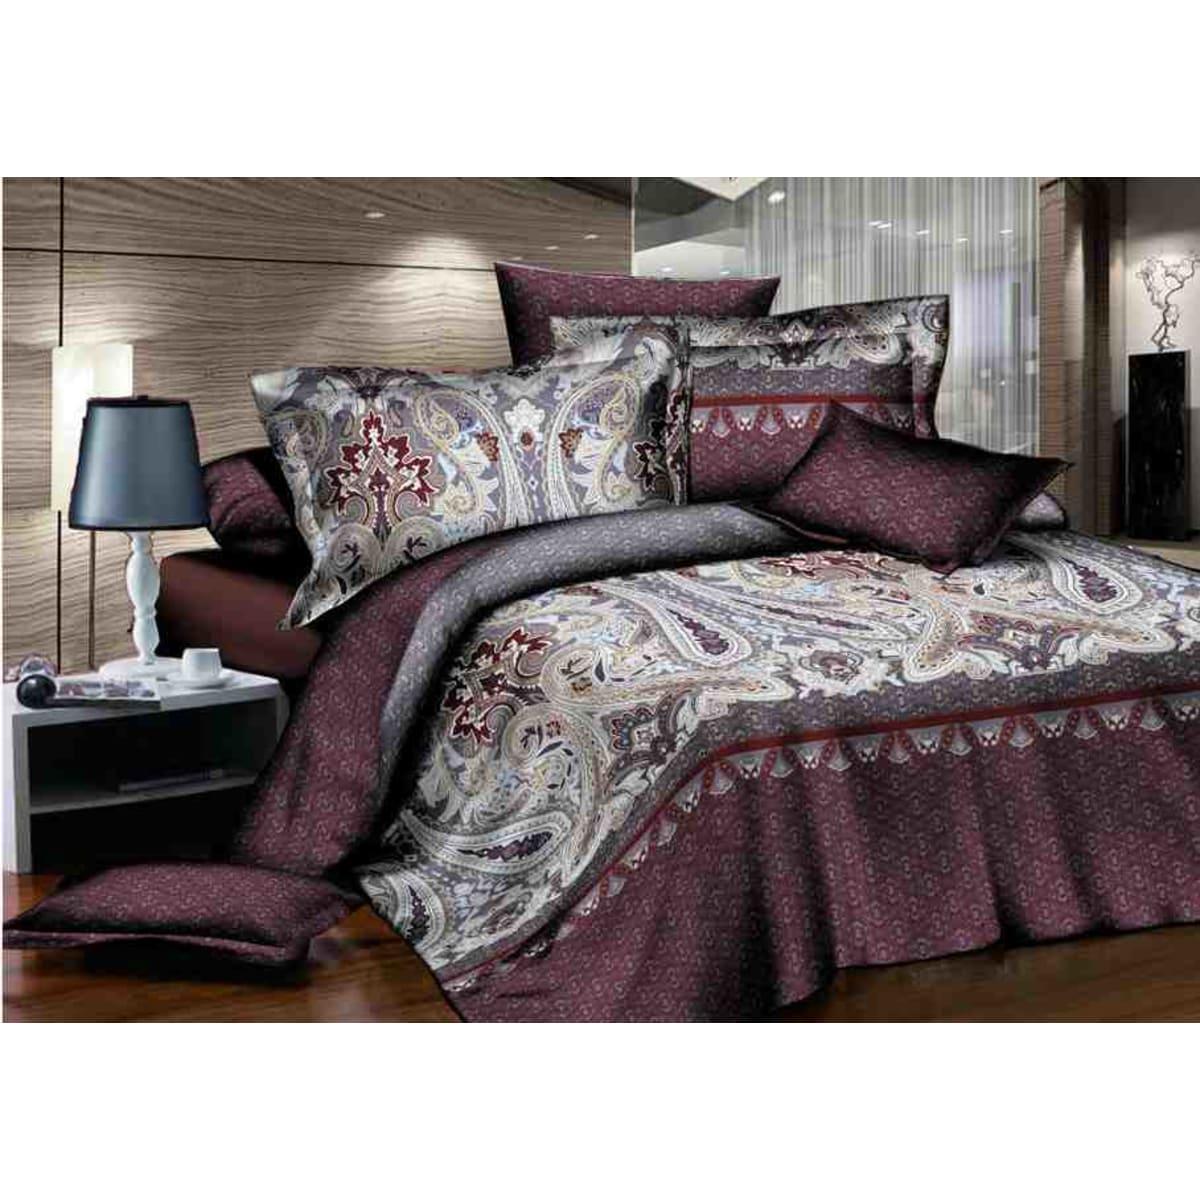 Комплект постельного белья полутораспальный GUTEN MORGEN La Noche Del Amor , сатин, 50x70 см